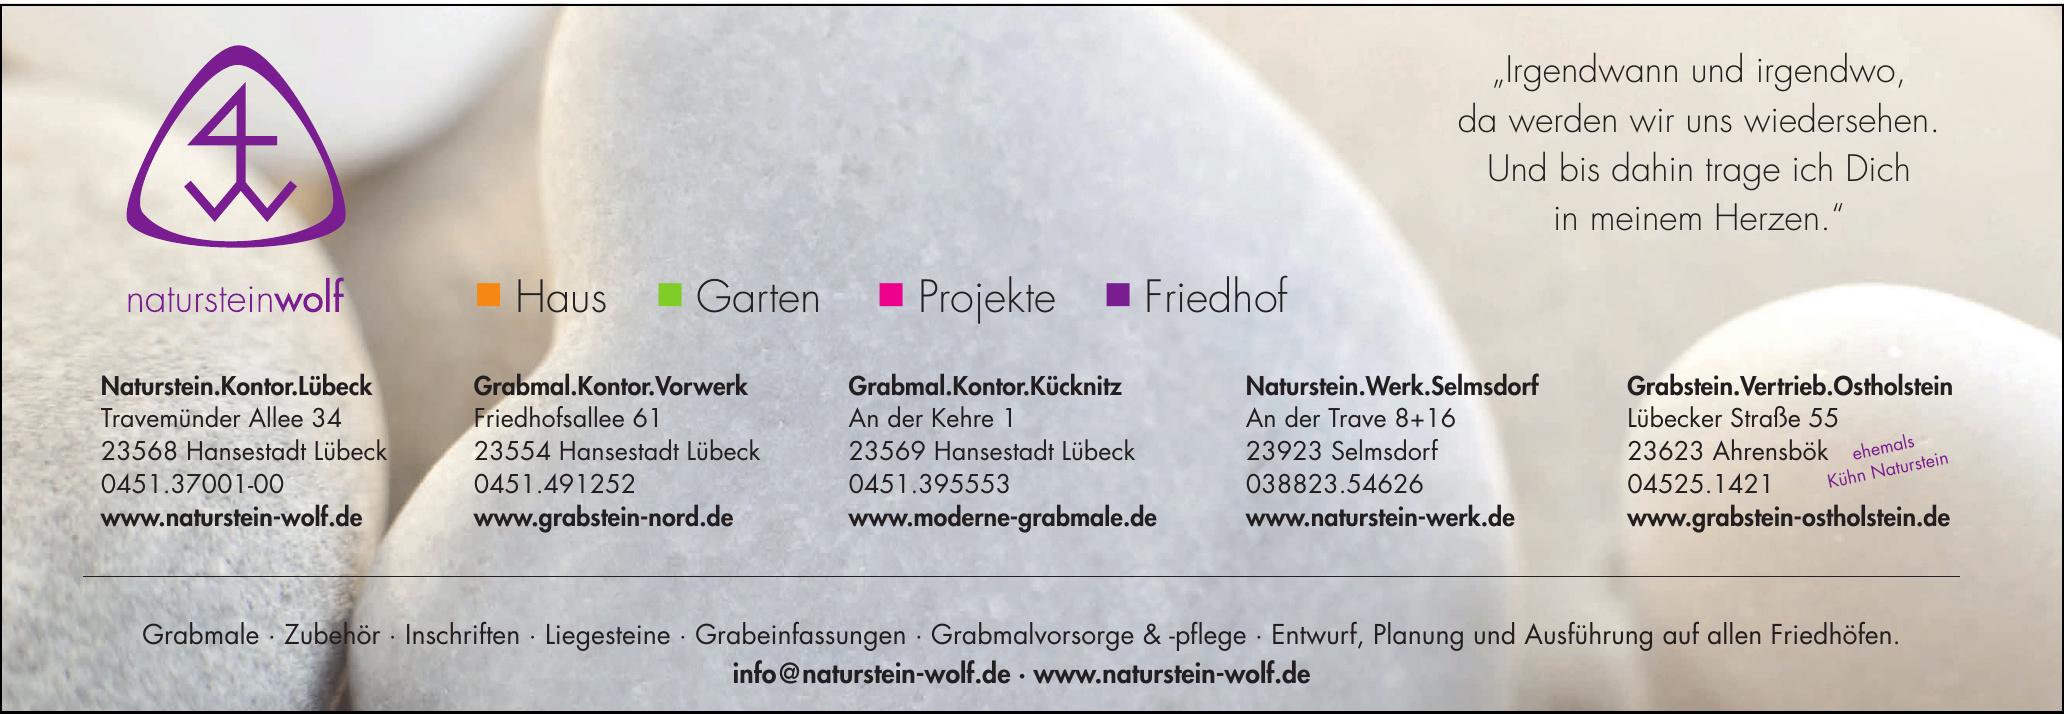 Naturstein Wolf - Naturstein.Kontor.Lübeck